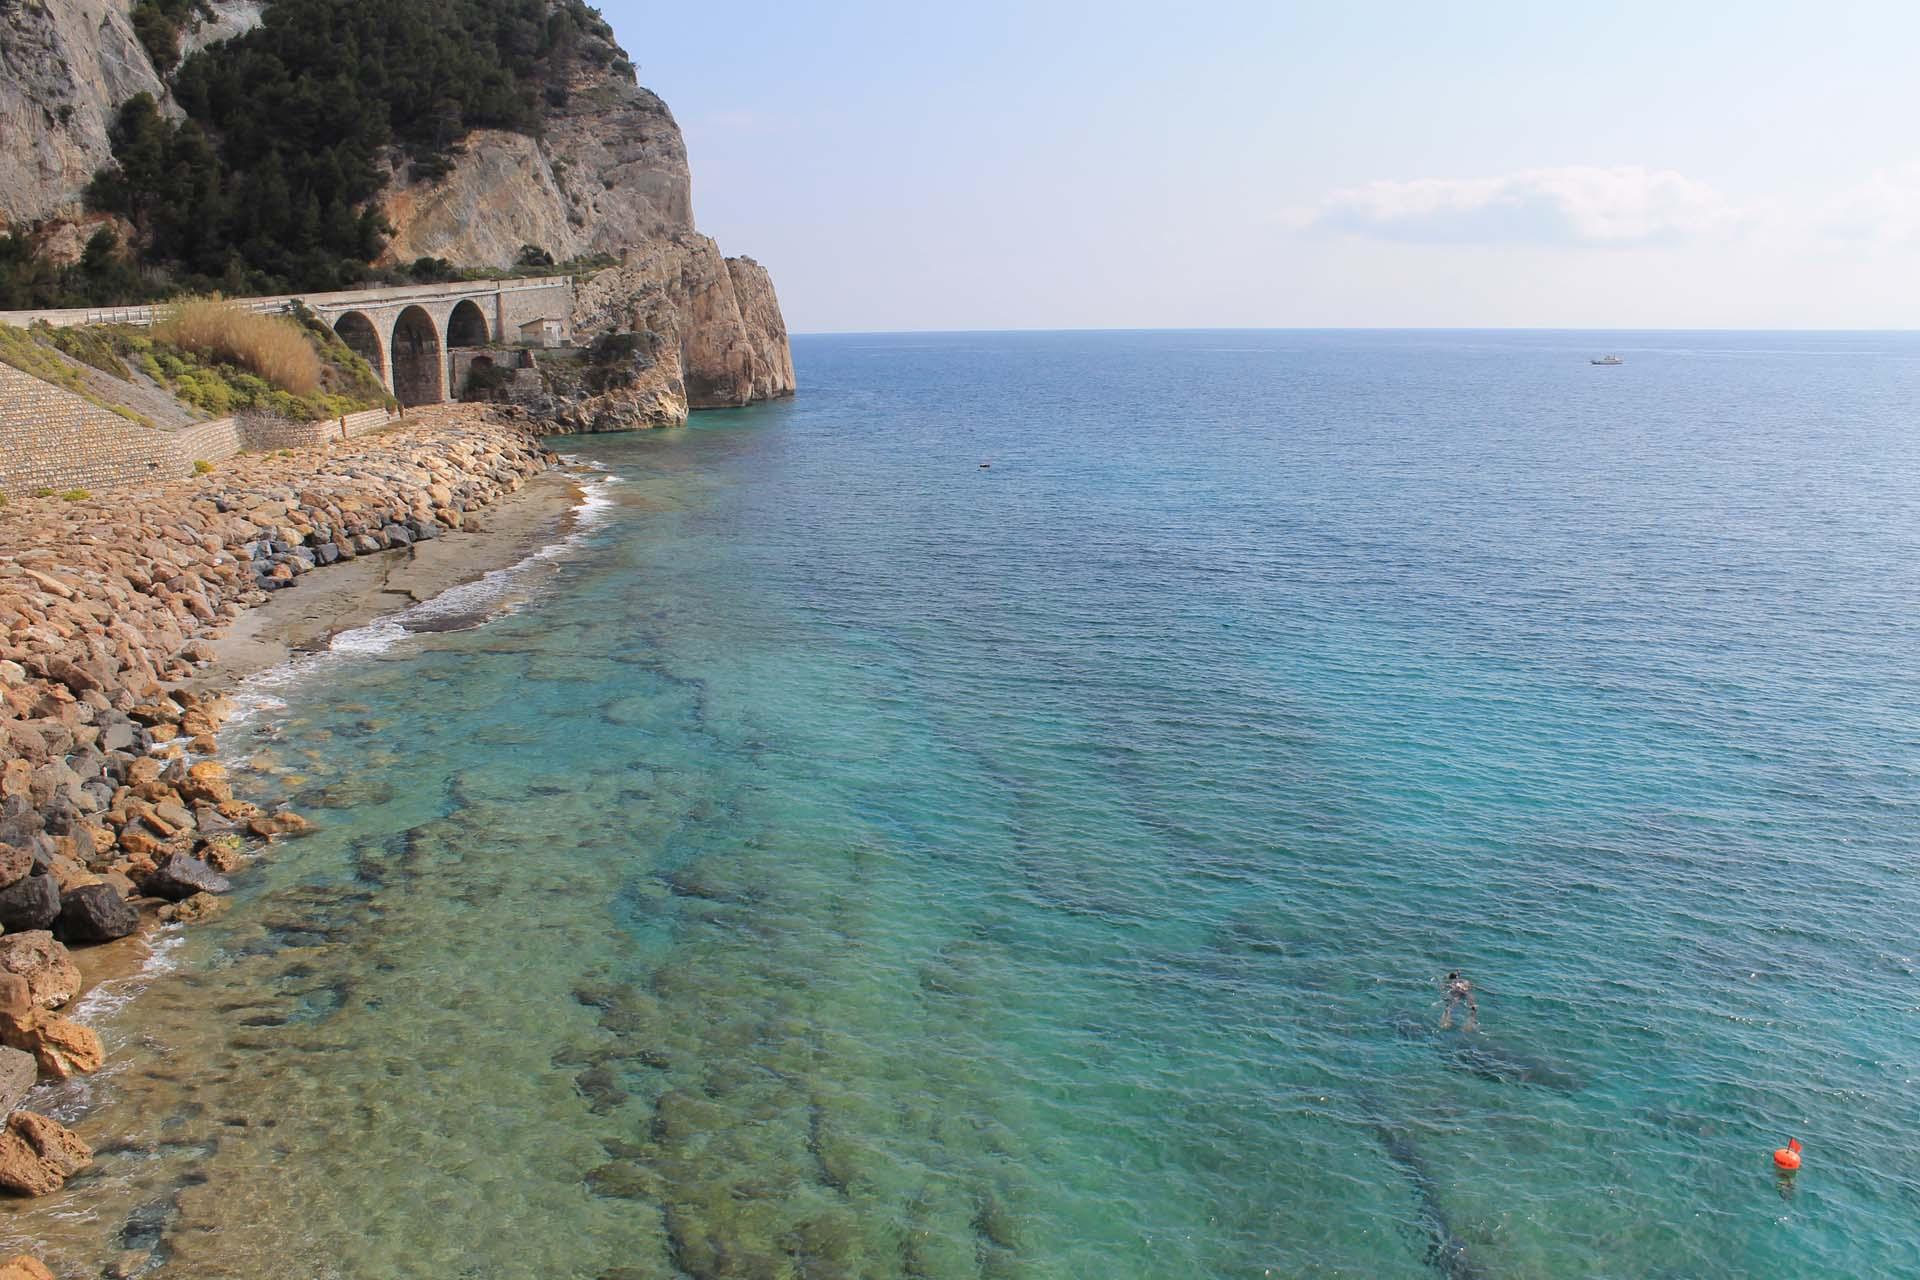 Spiagge Finale Ligure  Hotel Villa Ave a Finale Ligure  Albergo a due passi dal mare in Liguria